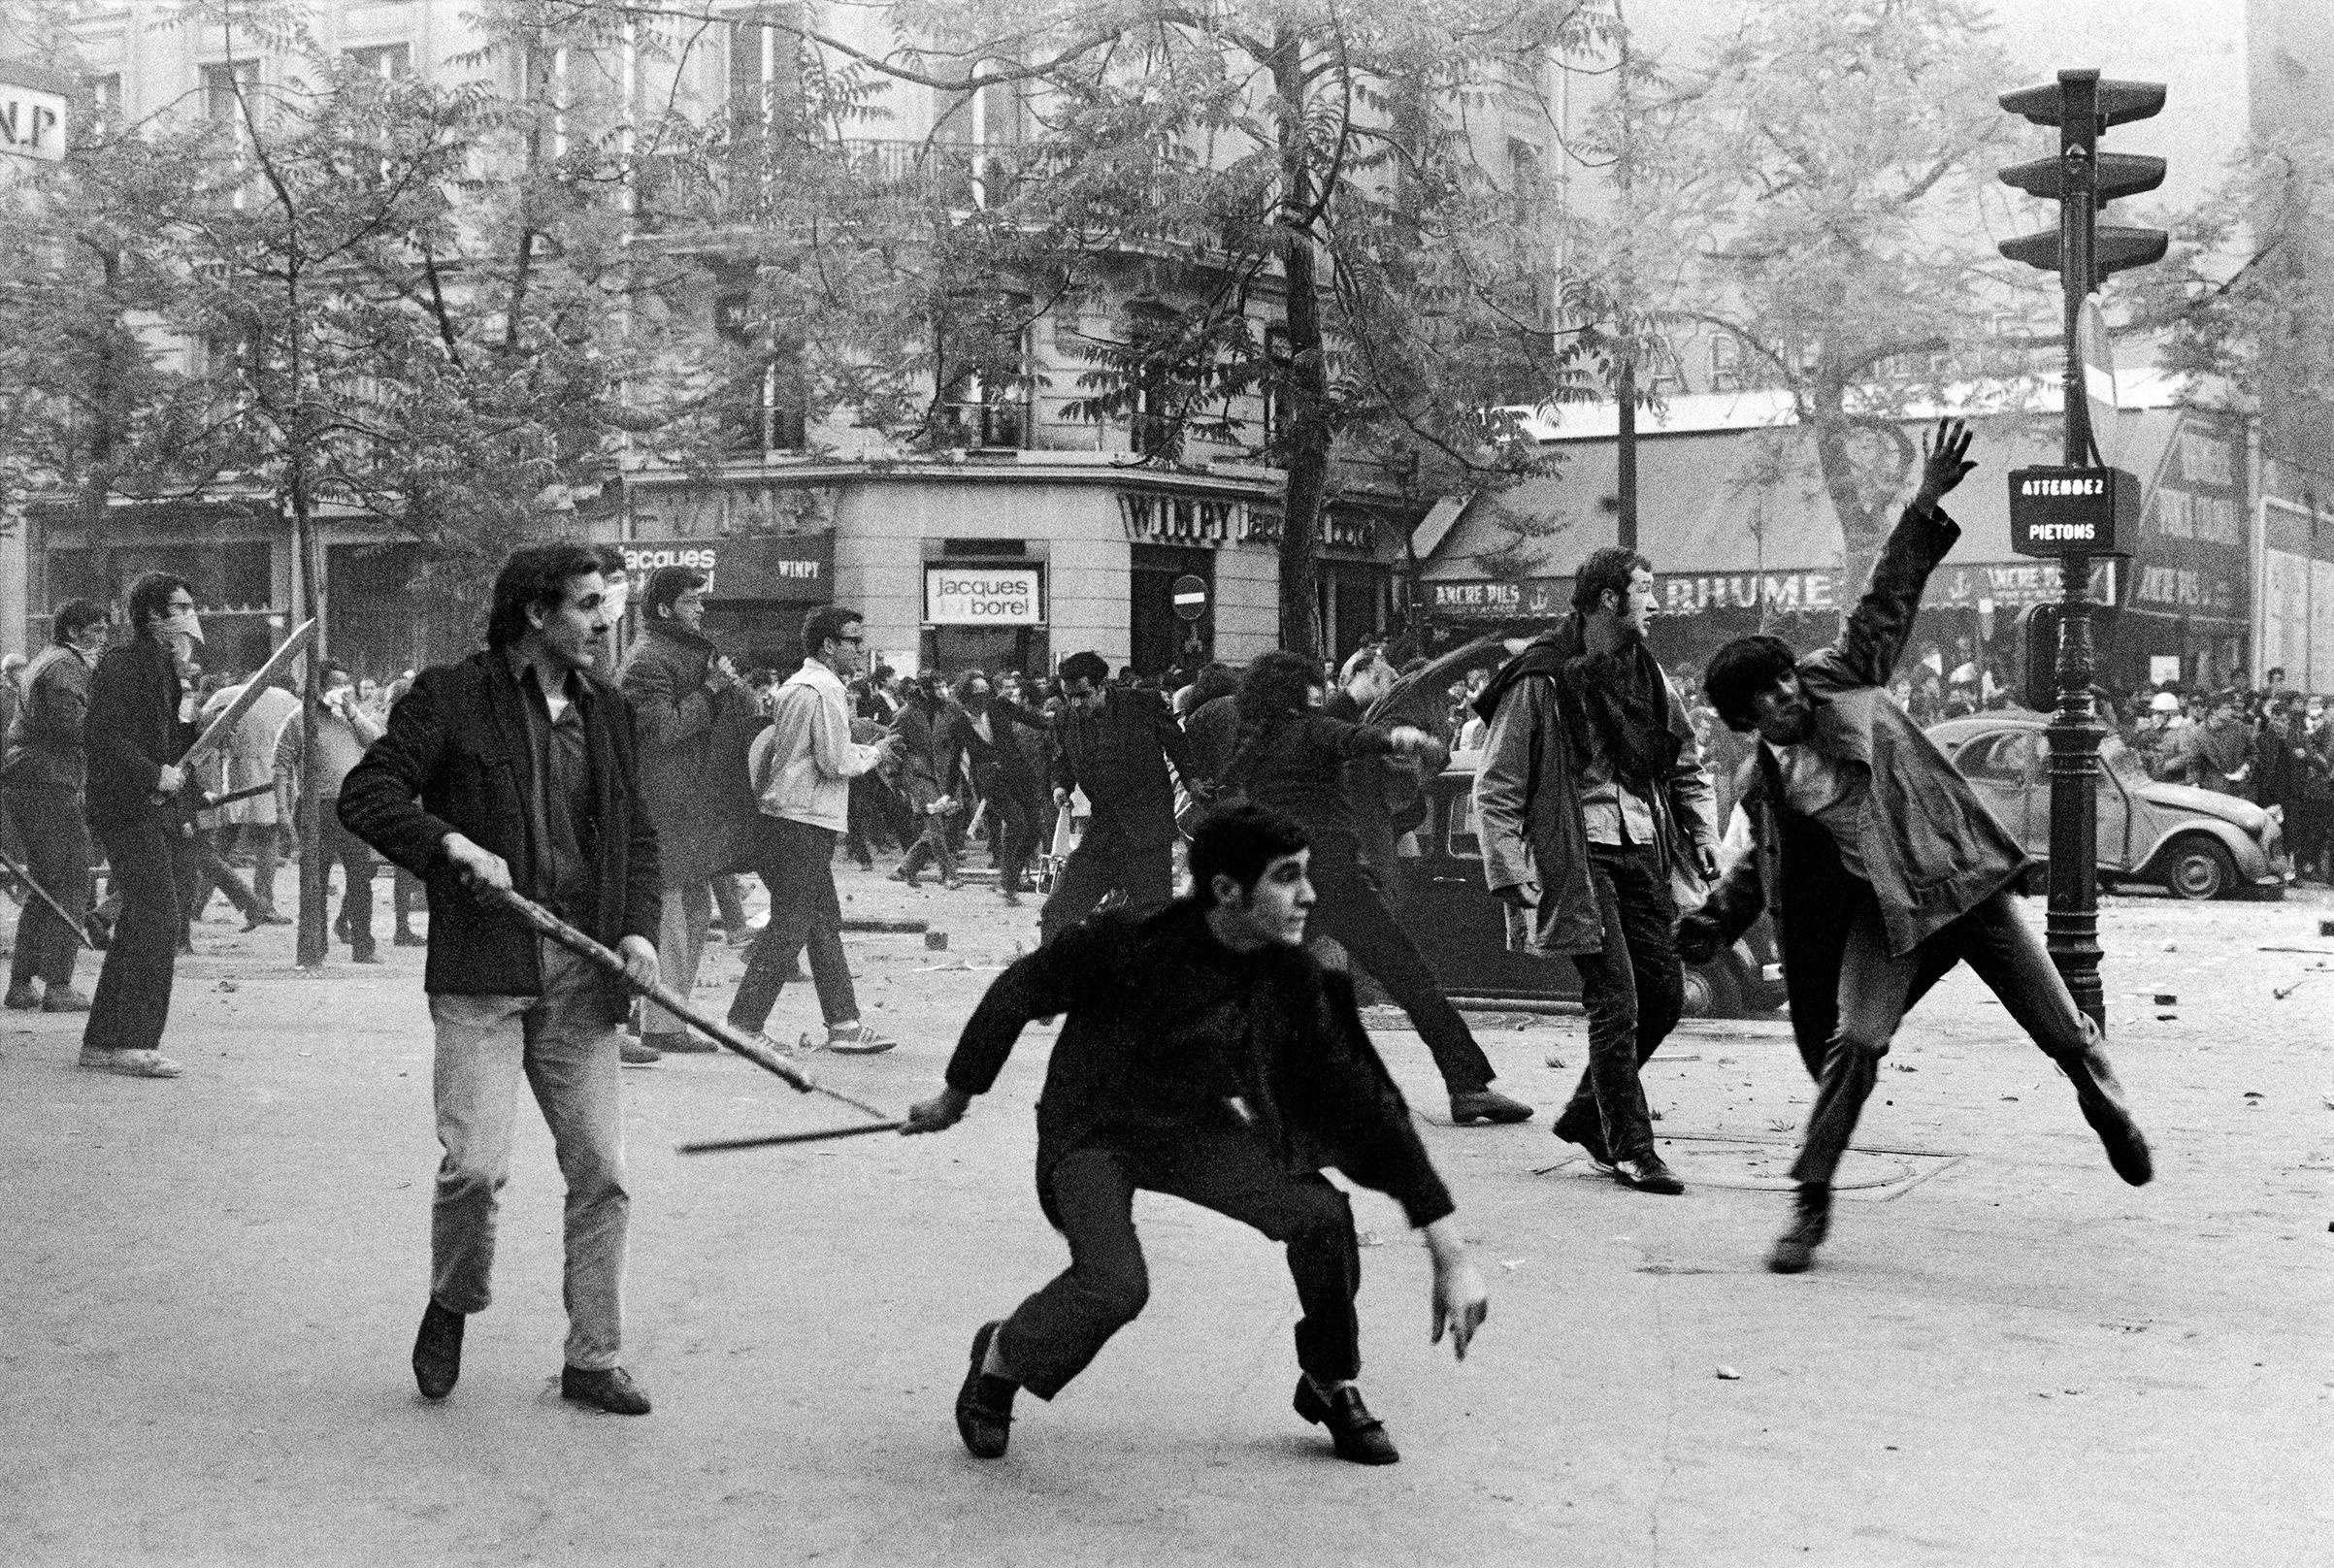 Boulevard Saint-Germain. Paris, May 1968.